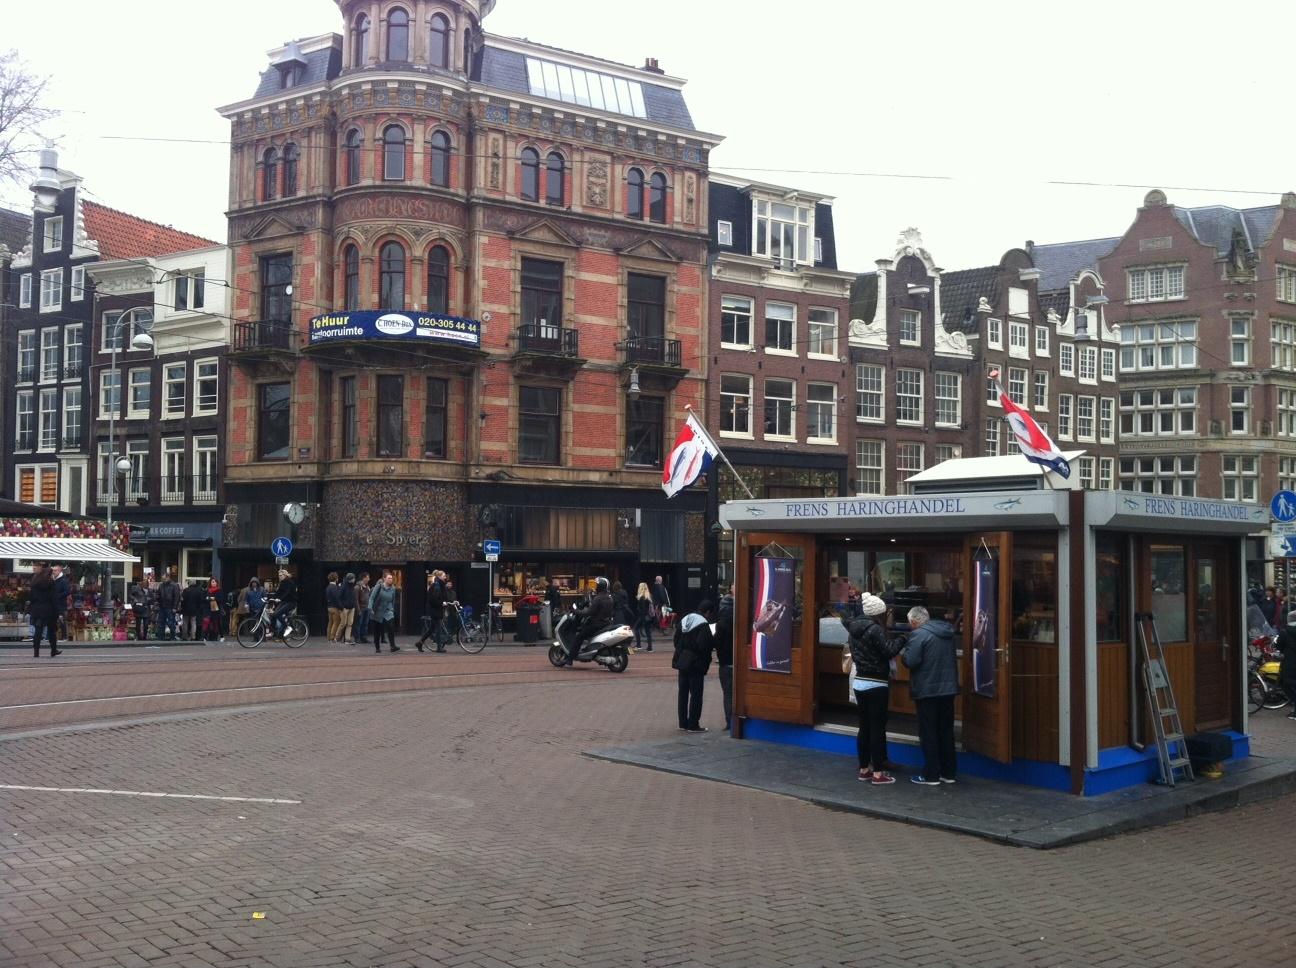 Frens Haringhandel. Singel 468/ Koningsplein (near Flower Market)